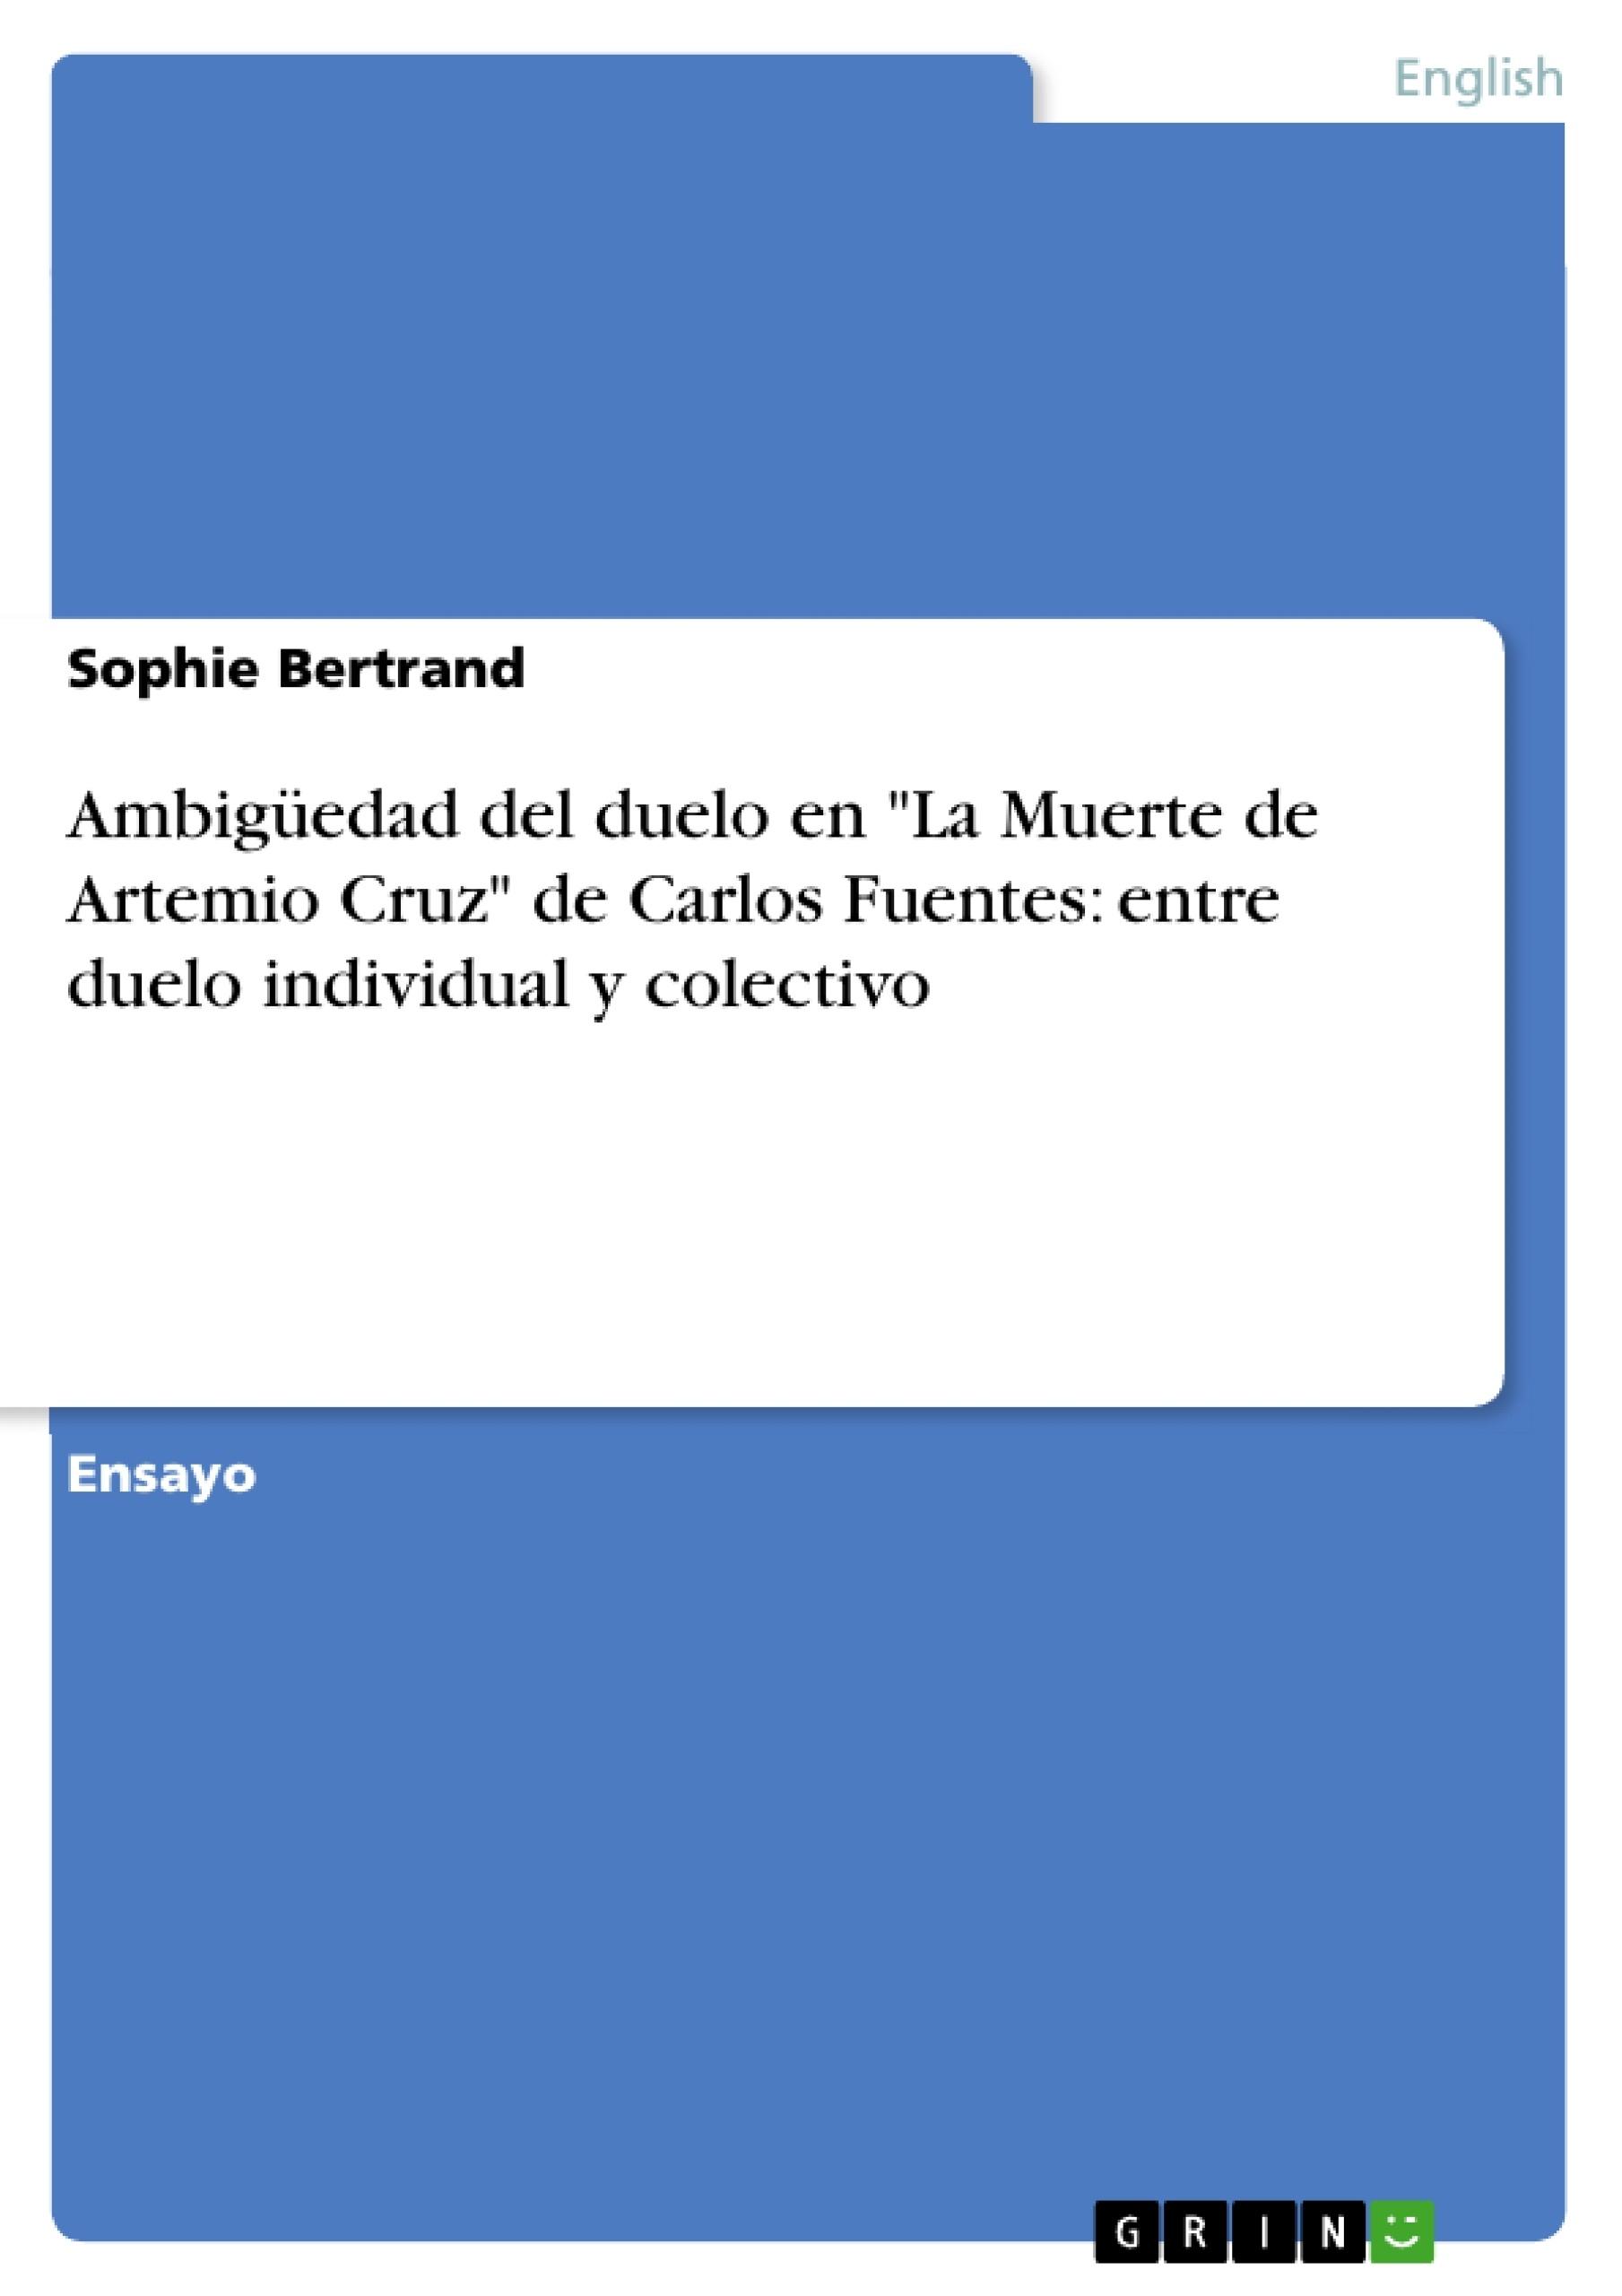 """Título: Ambigüedad del duelo en """"La Muerte de Artemio Cruz"""" de Carlos Fuentes: entre duelo individual y colectivo"""